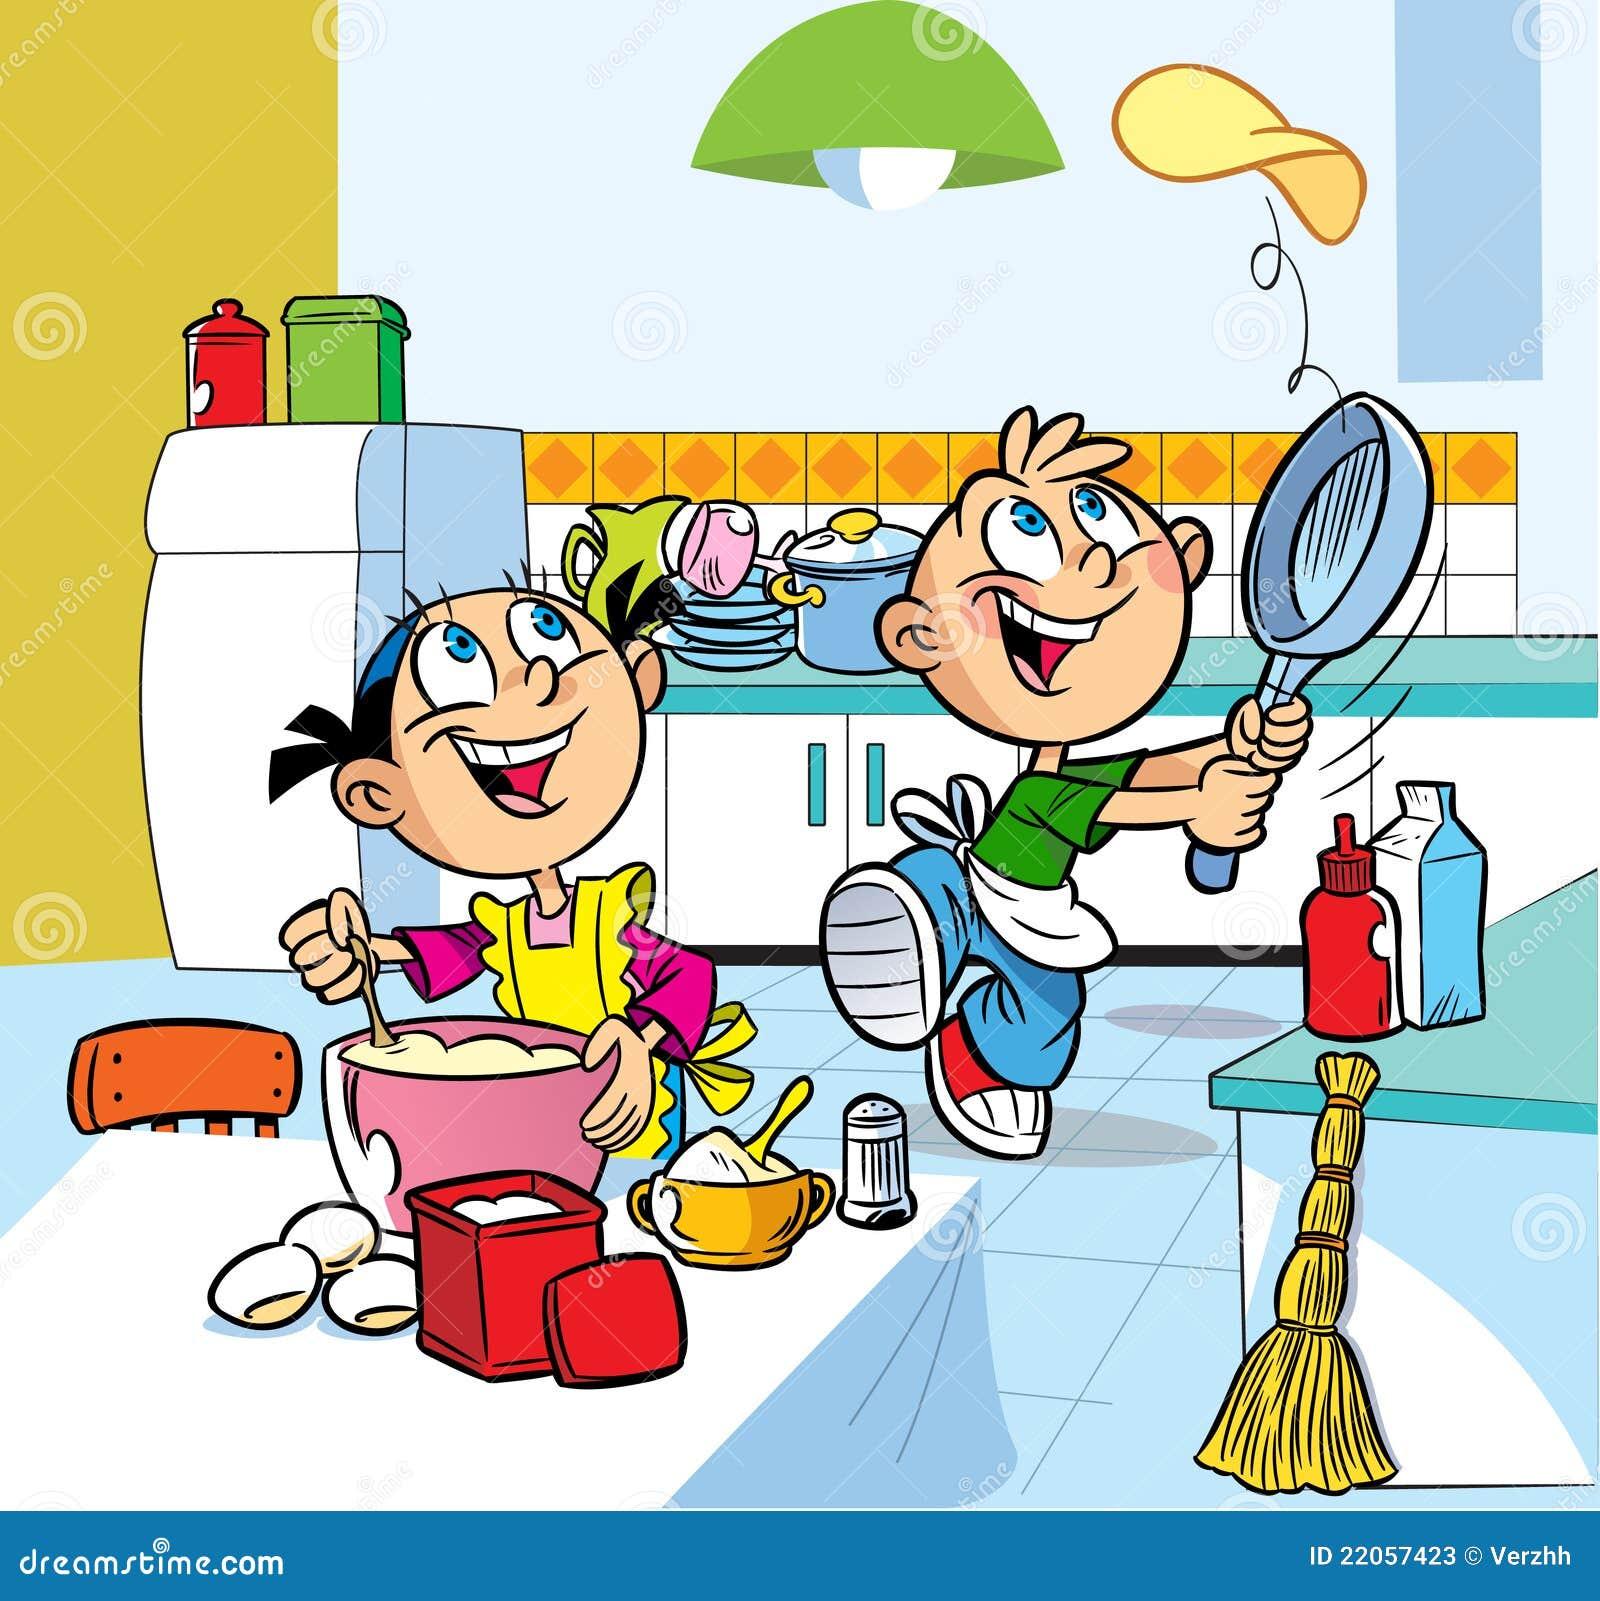 Cuisine d 39 amusement photos stock image 22057423 - Dessin anime de cuisine ...